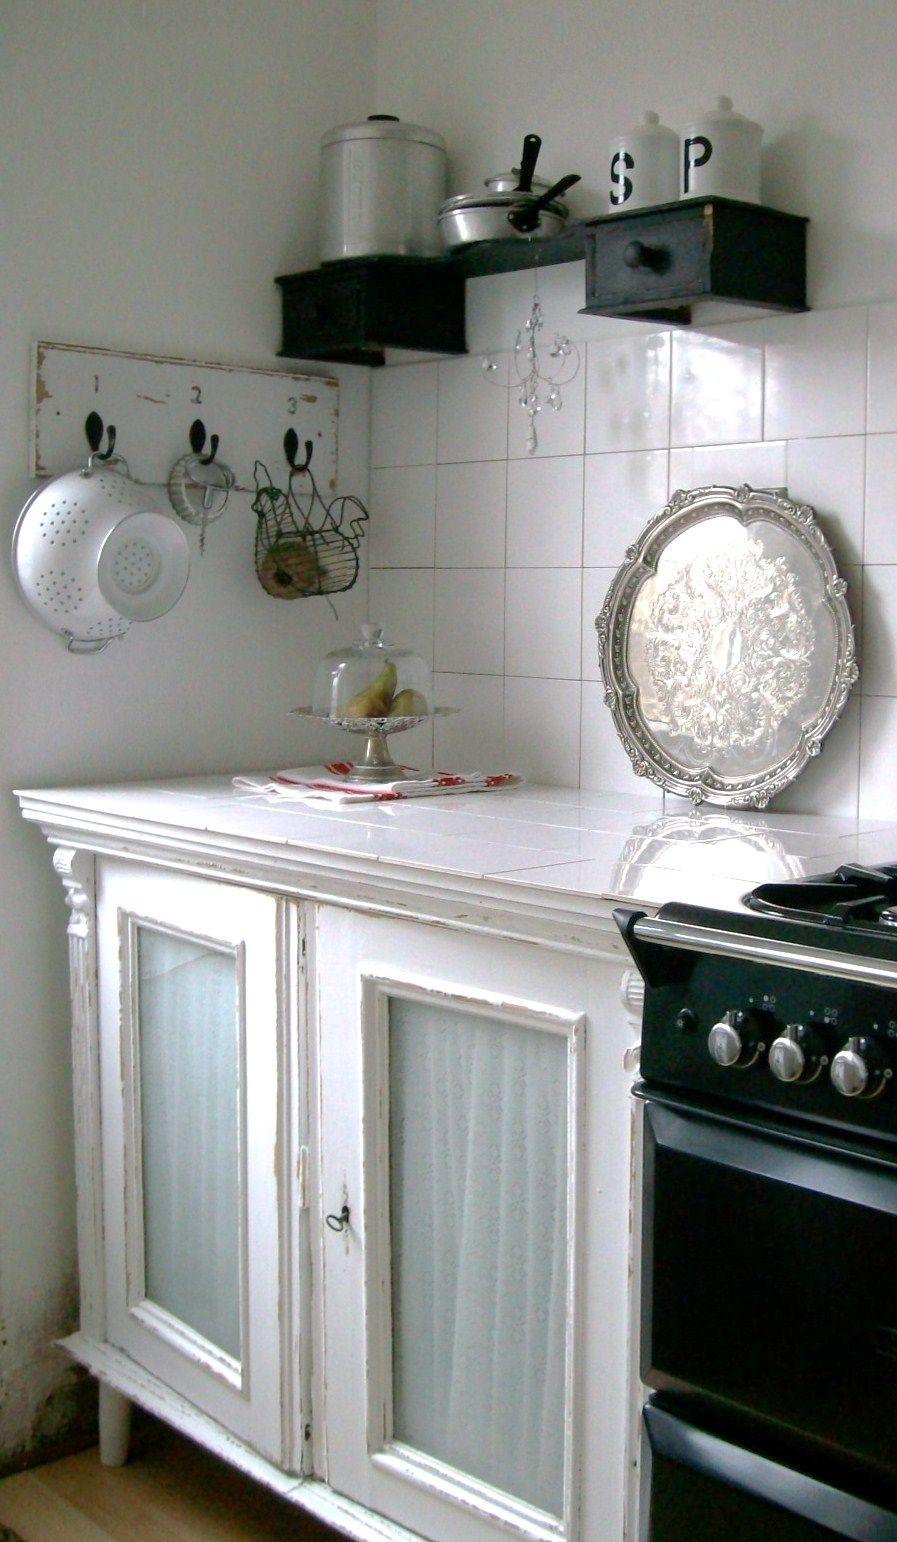 Diy A Vintage Freestanding Kitchen The Fisherman S Cottage Freestanding Kitchen Shabby Chic Kitchen Chic Kitchen